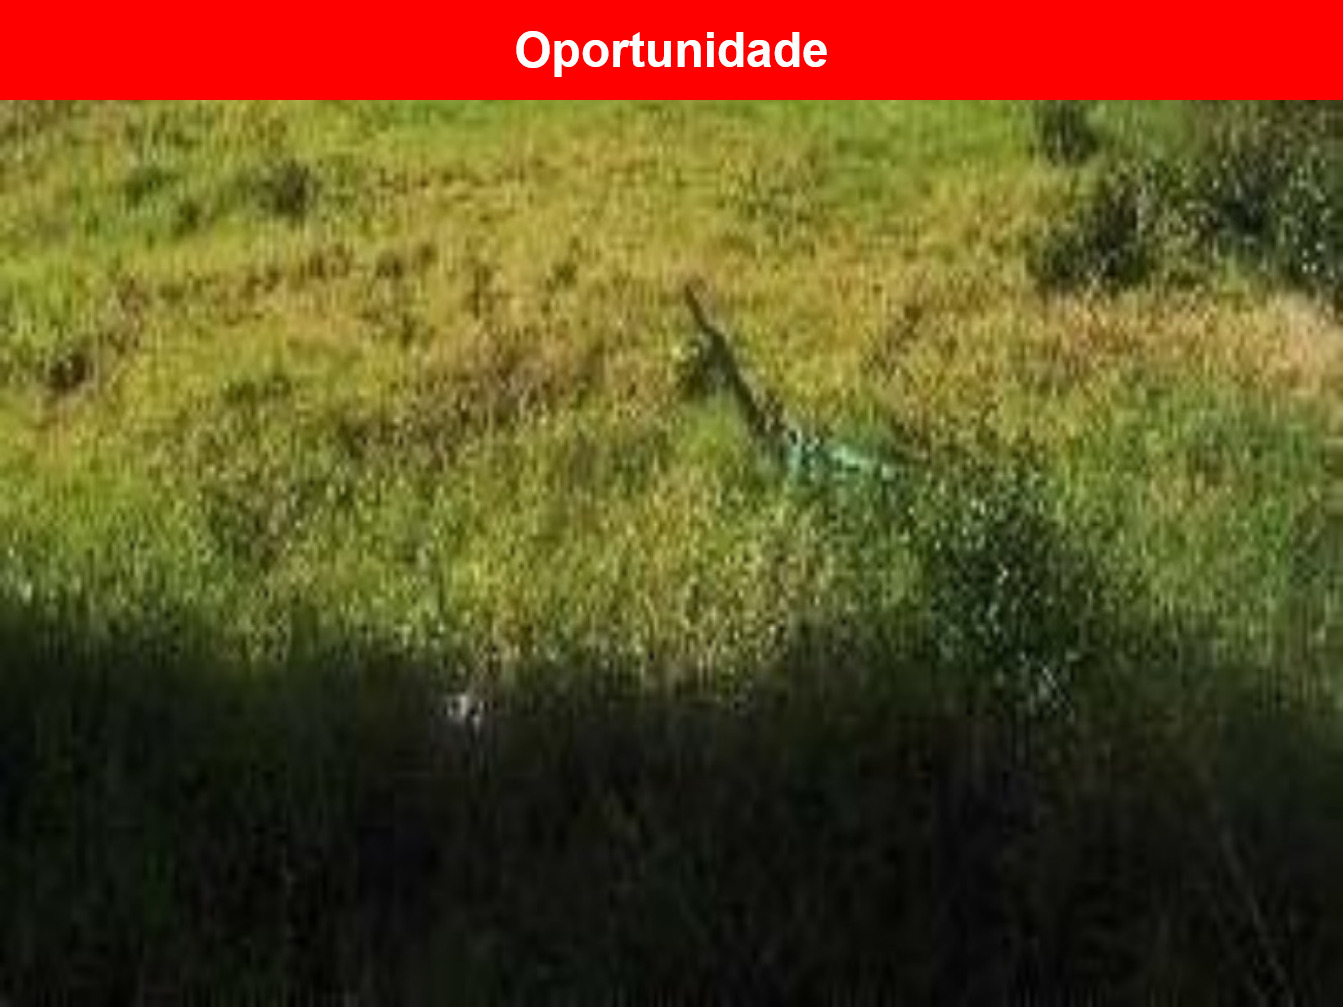 Terreno a venda no Vila Mineirão, Sorocaba - SP